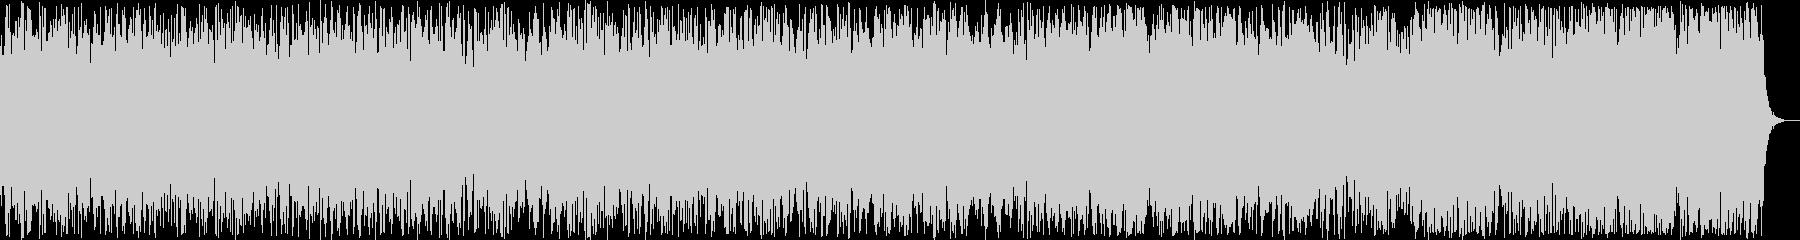 優しい印象のシンセ・ピアノサウンドの未再生の波形